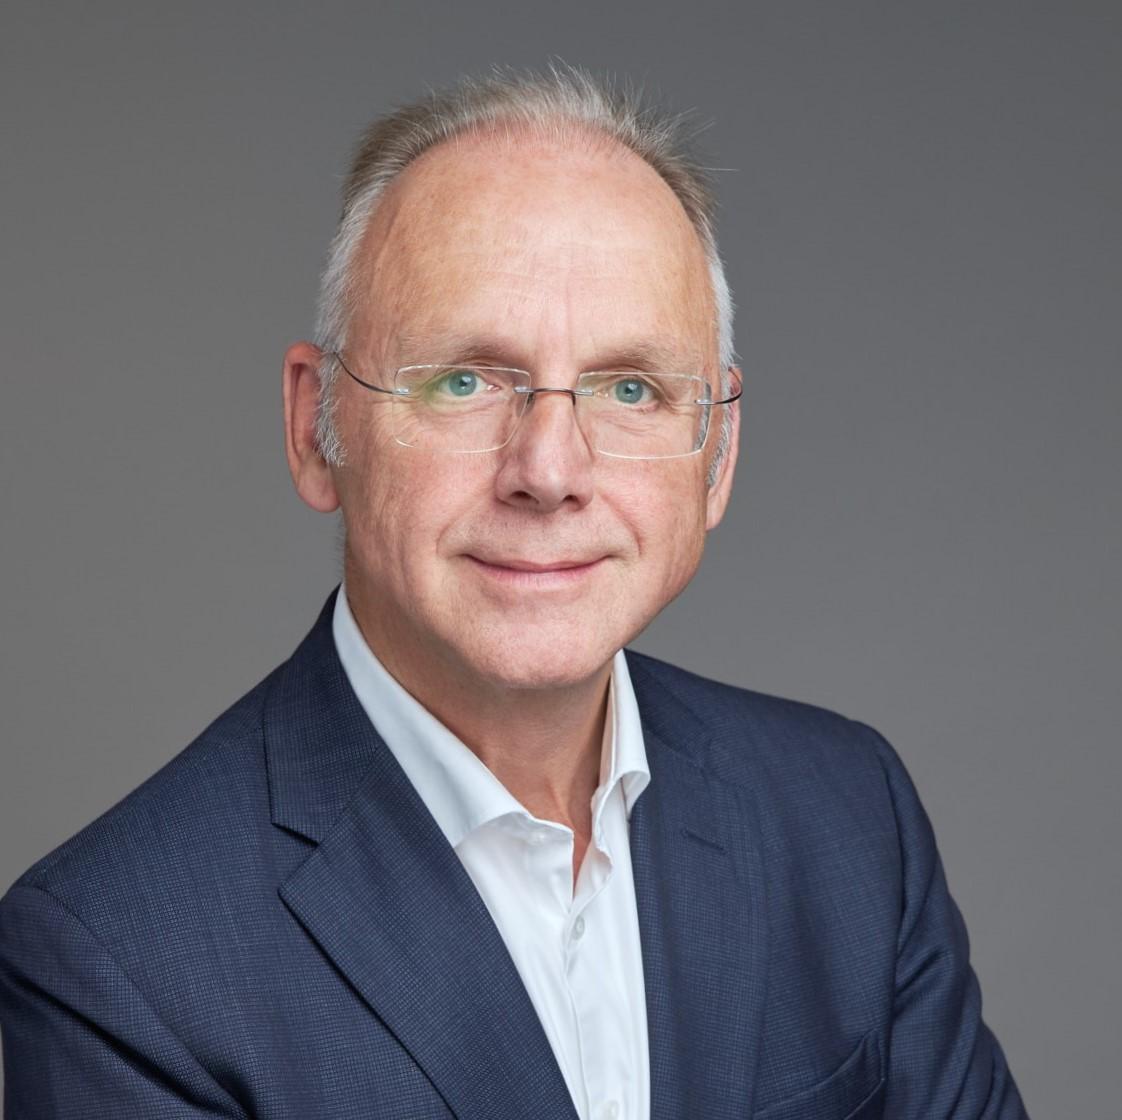 Theo Reijnders